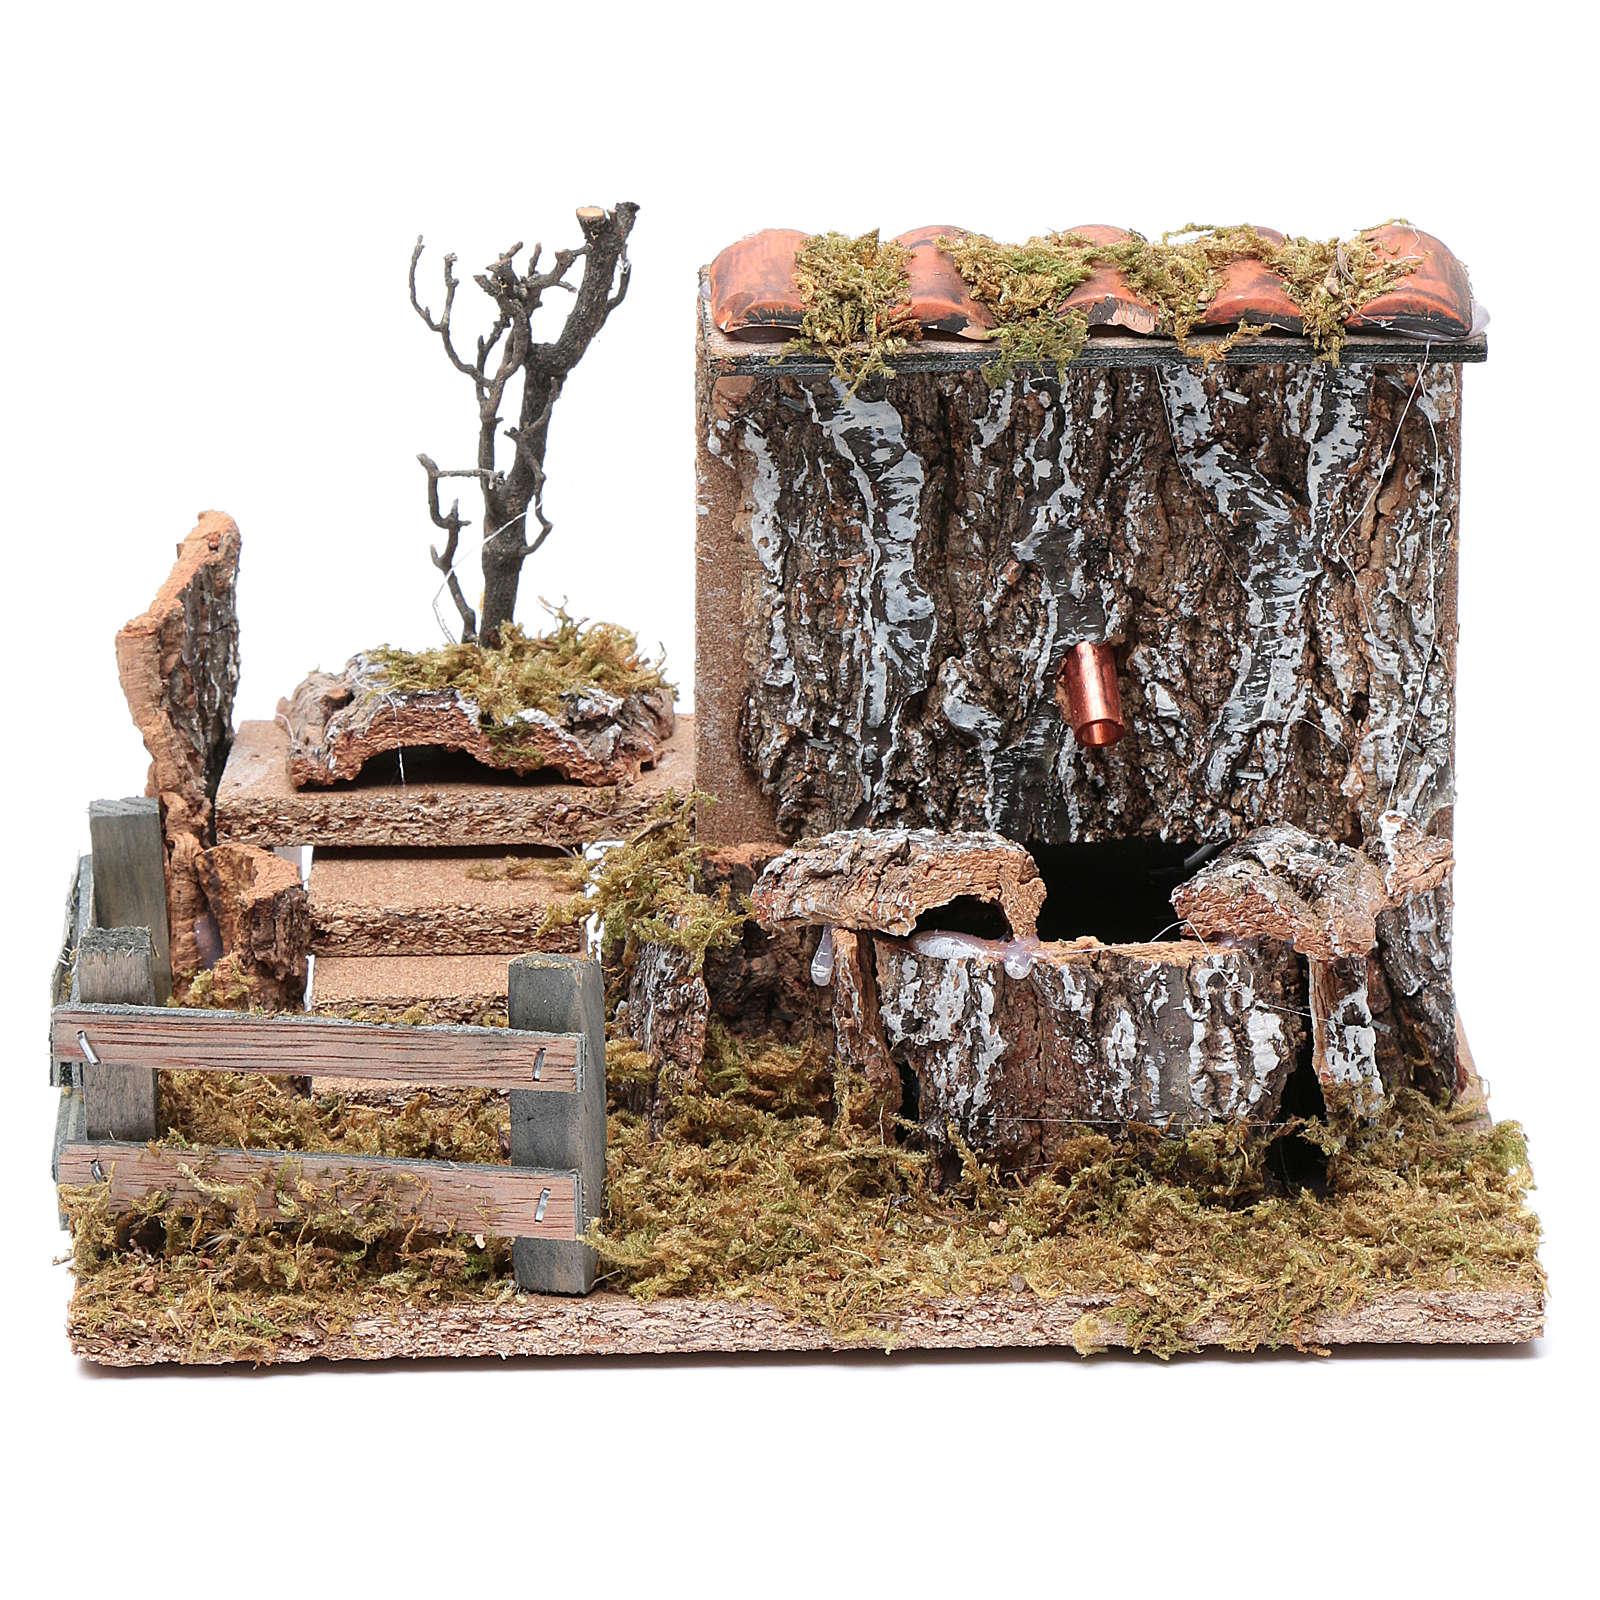 Fontana con pompa su parete rocciosa e tetto per presepe 15x20x10 cm 4